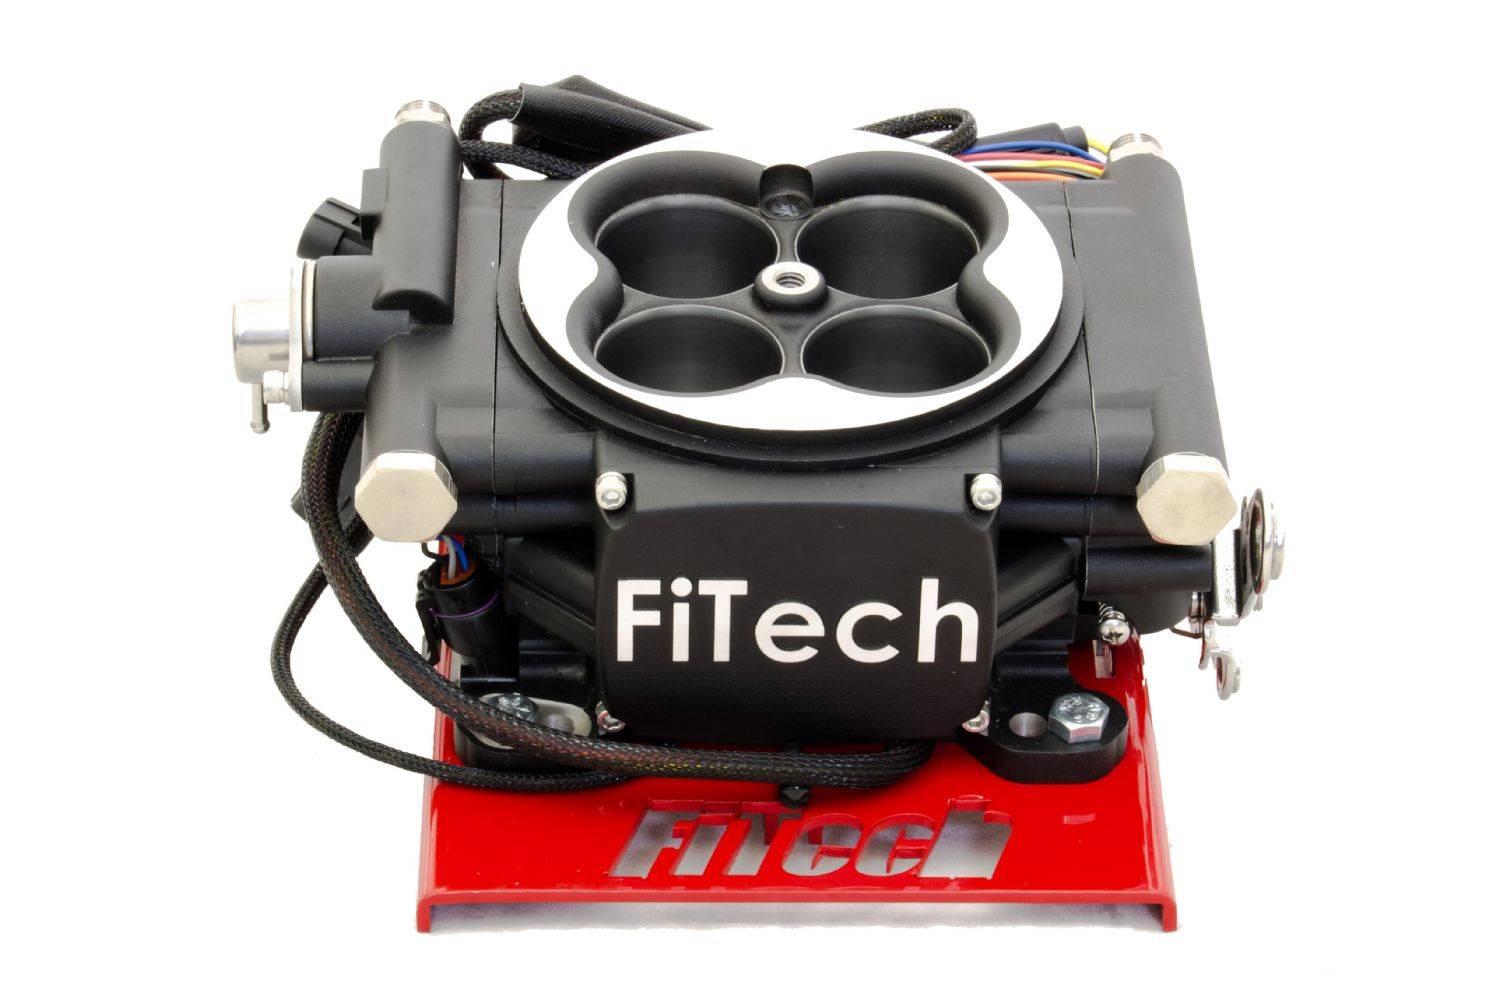 fth 30002 fitech fuel injection 30002 go efi 4 600 hp basic kit matte black finish. Black Bedroom Furniture Sets. Home Design Ideas